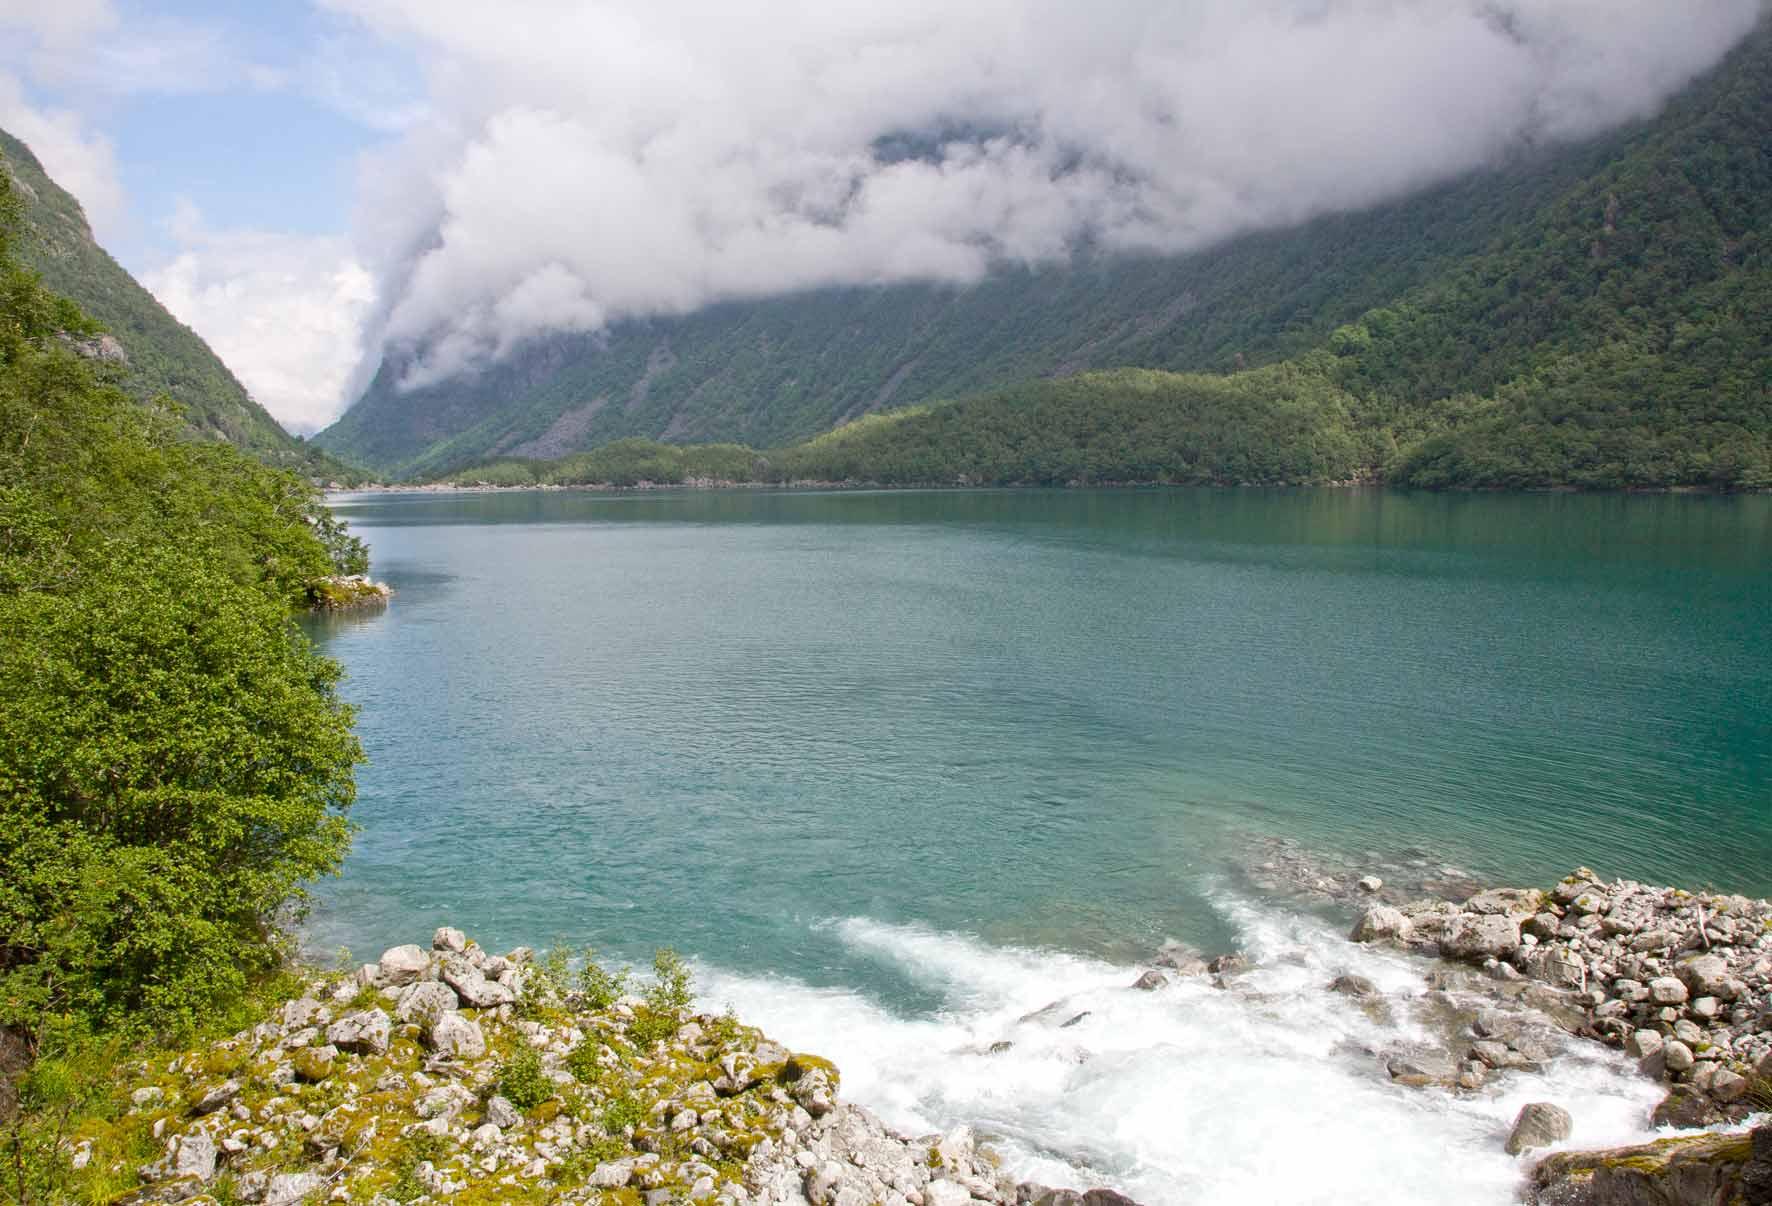 Gebirgsbach trifft See Bondhusvatnet